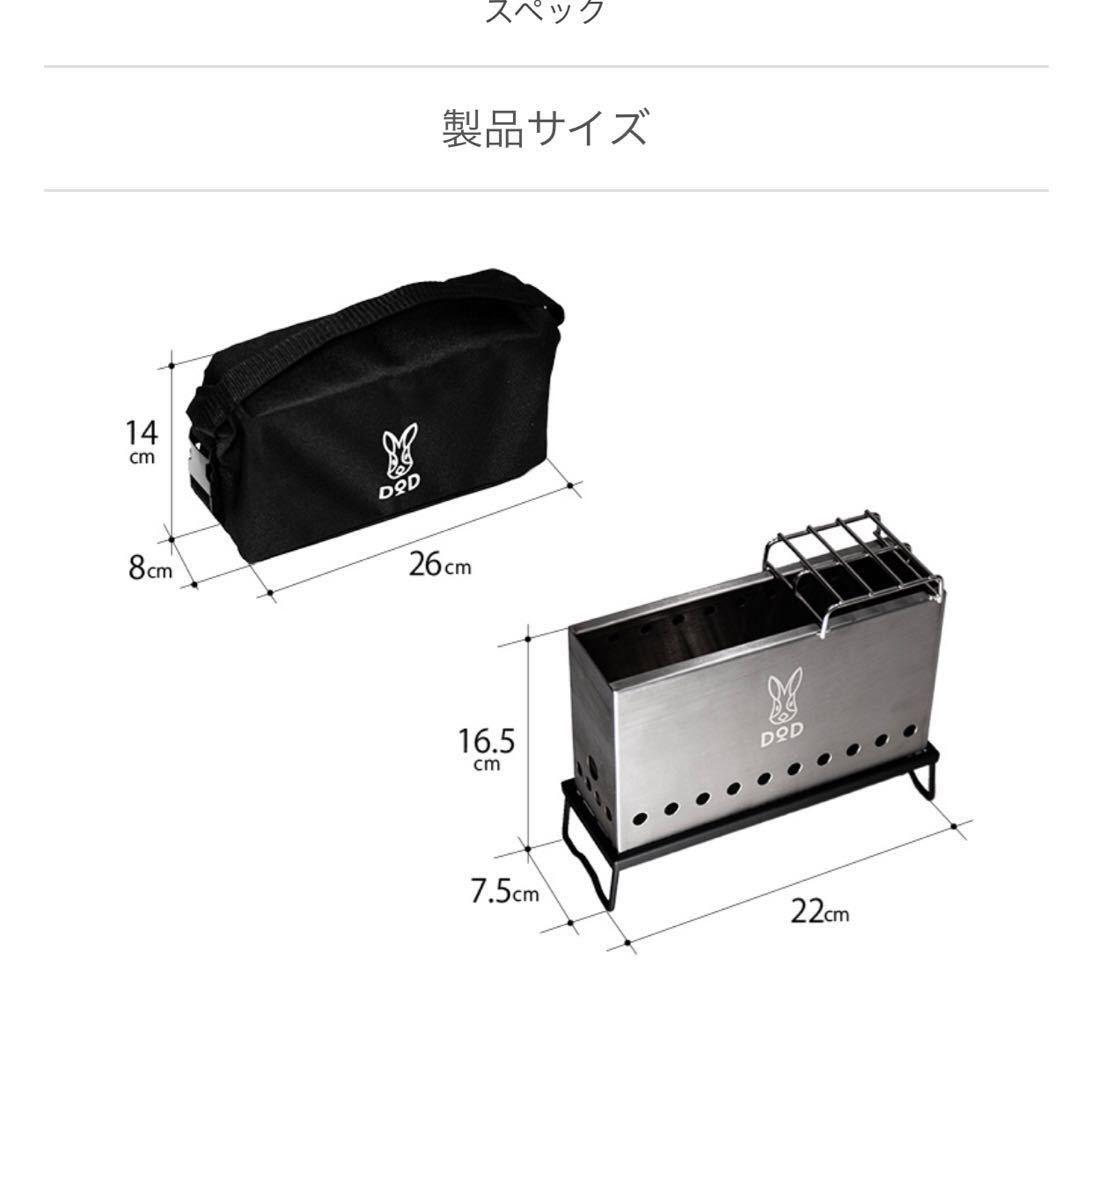 DOD ぷちもえファイヤー 【新品未使用】 【最安値】週末限定値下げ